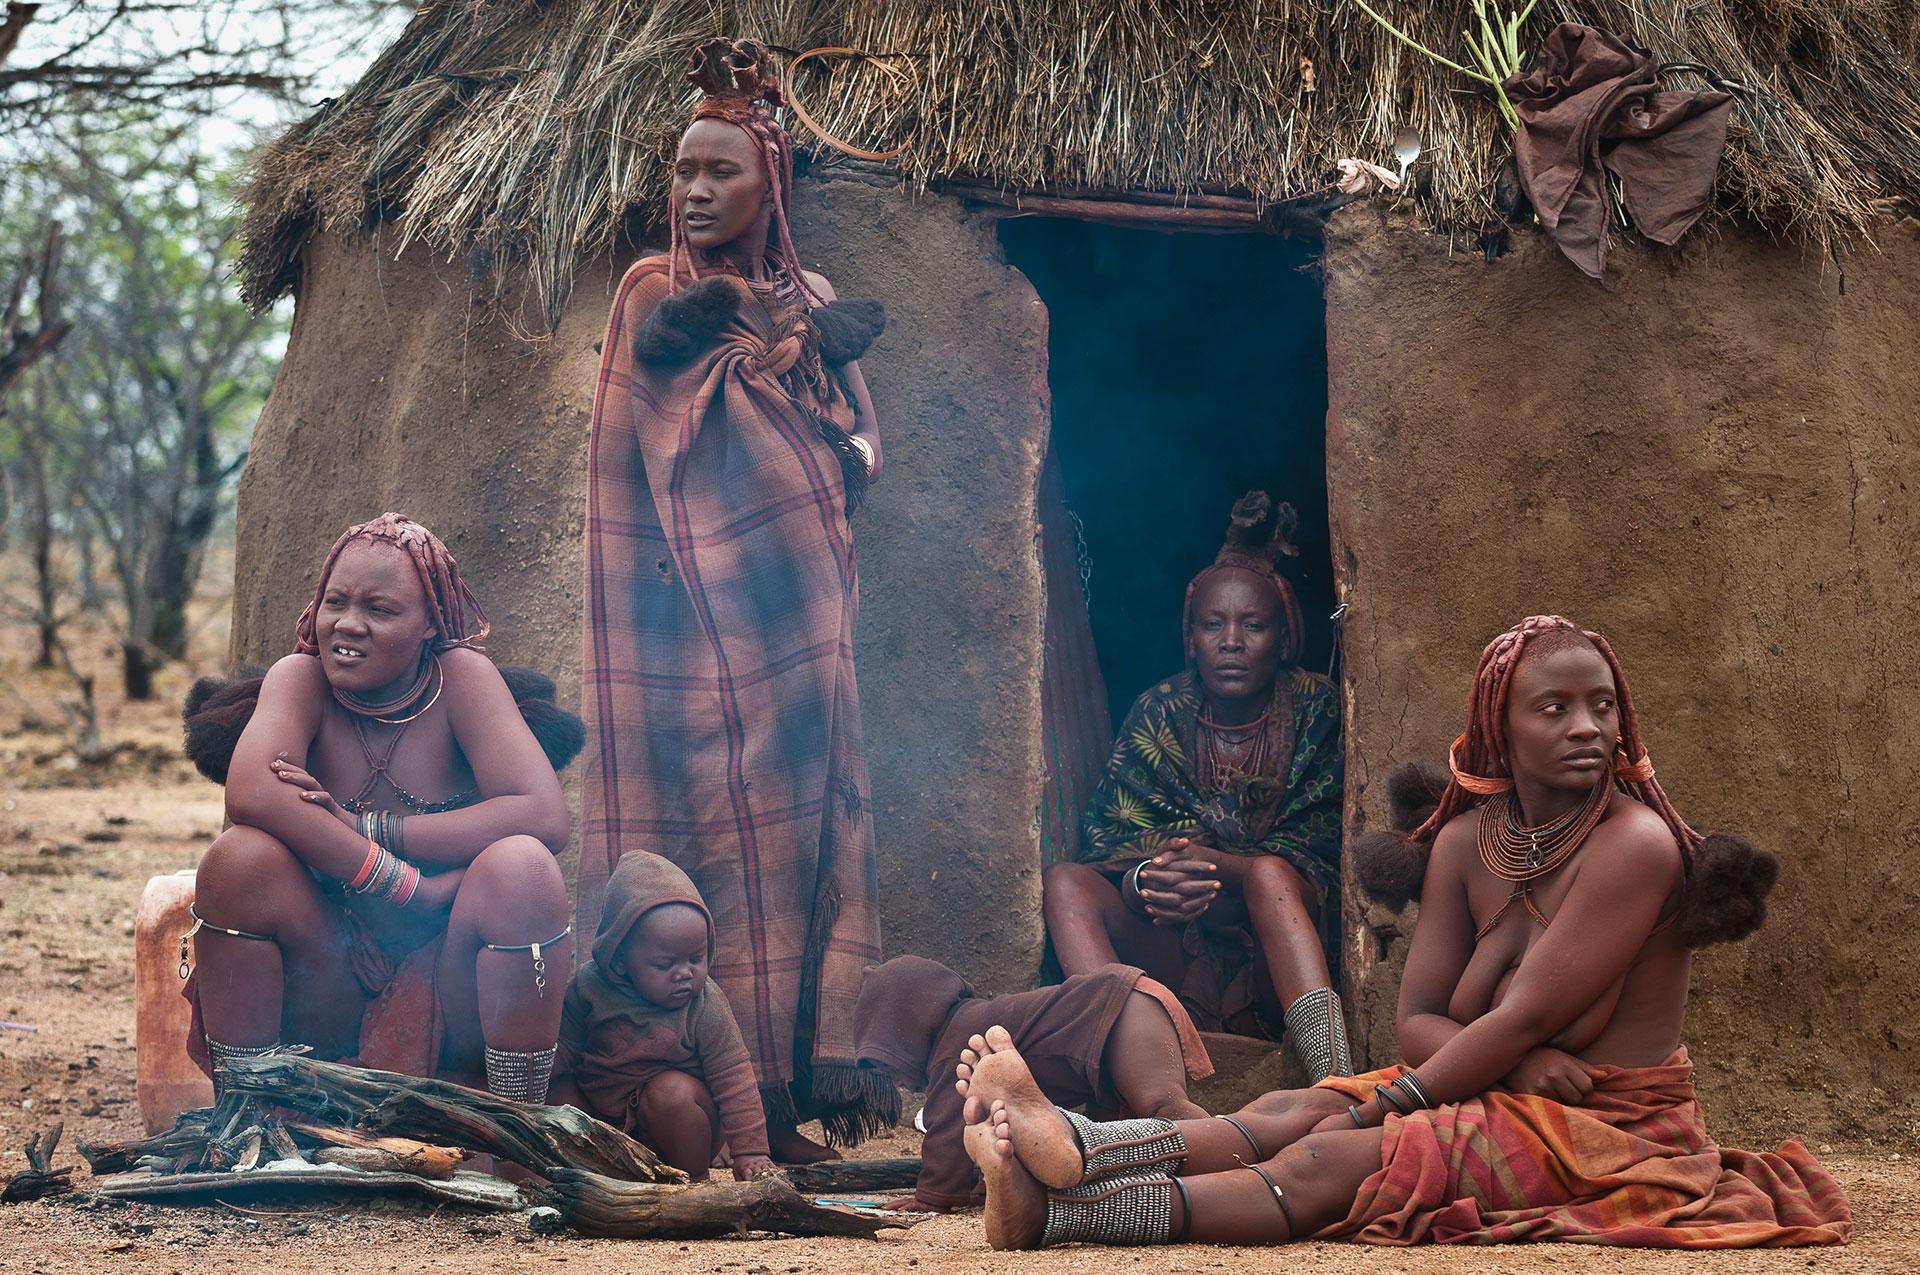 Namibia im Damaraland das Hüttendorf der Himba in der Nähe von Kamanjab